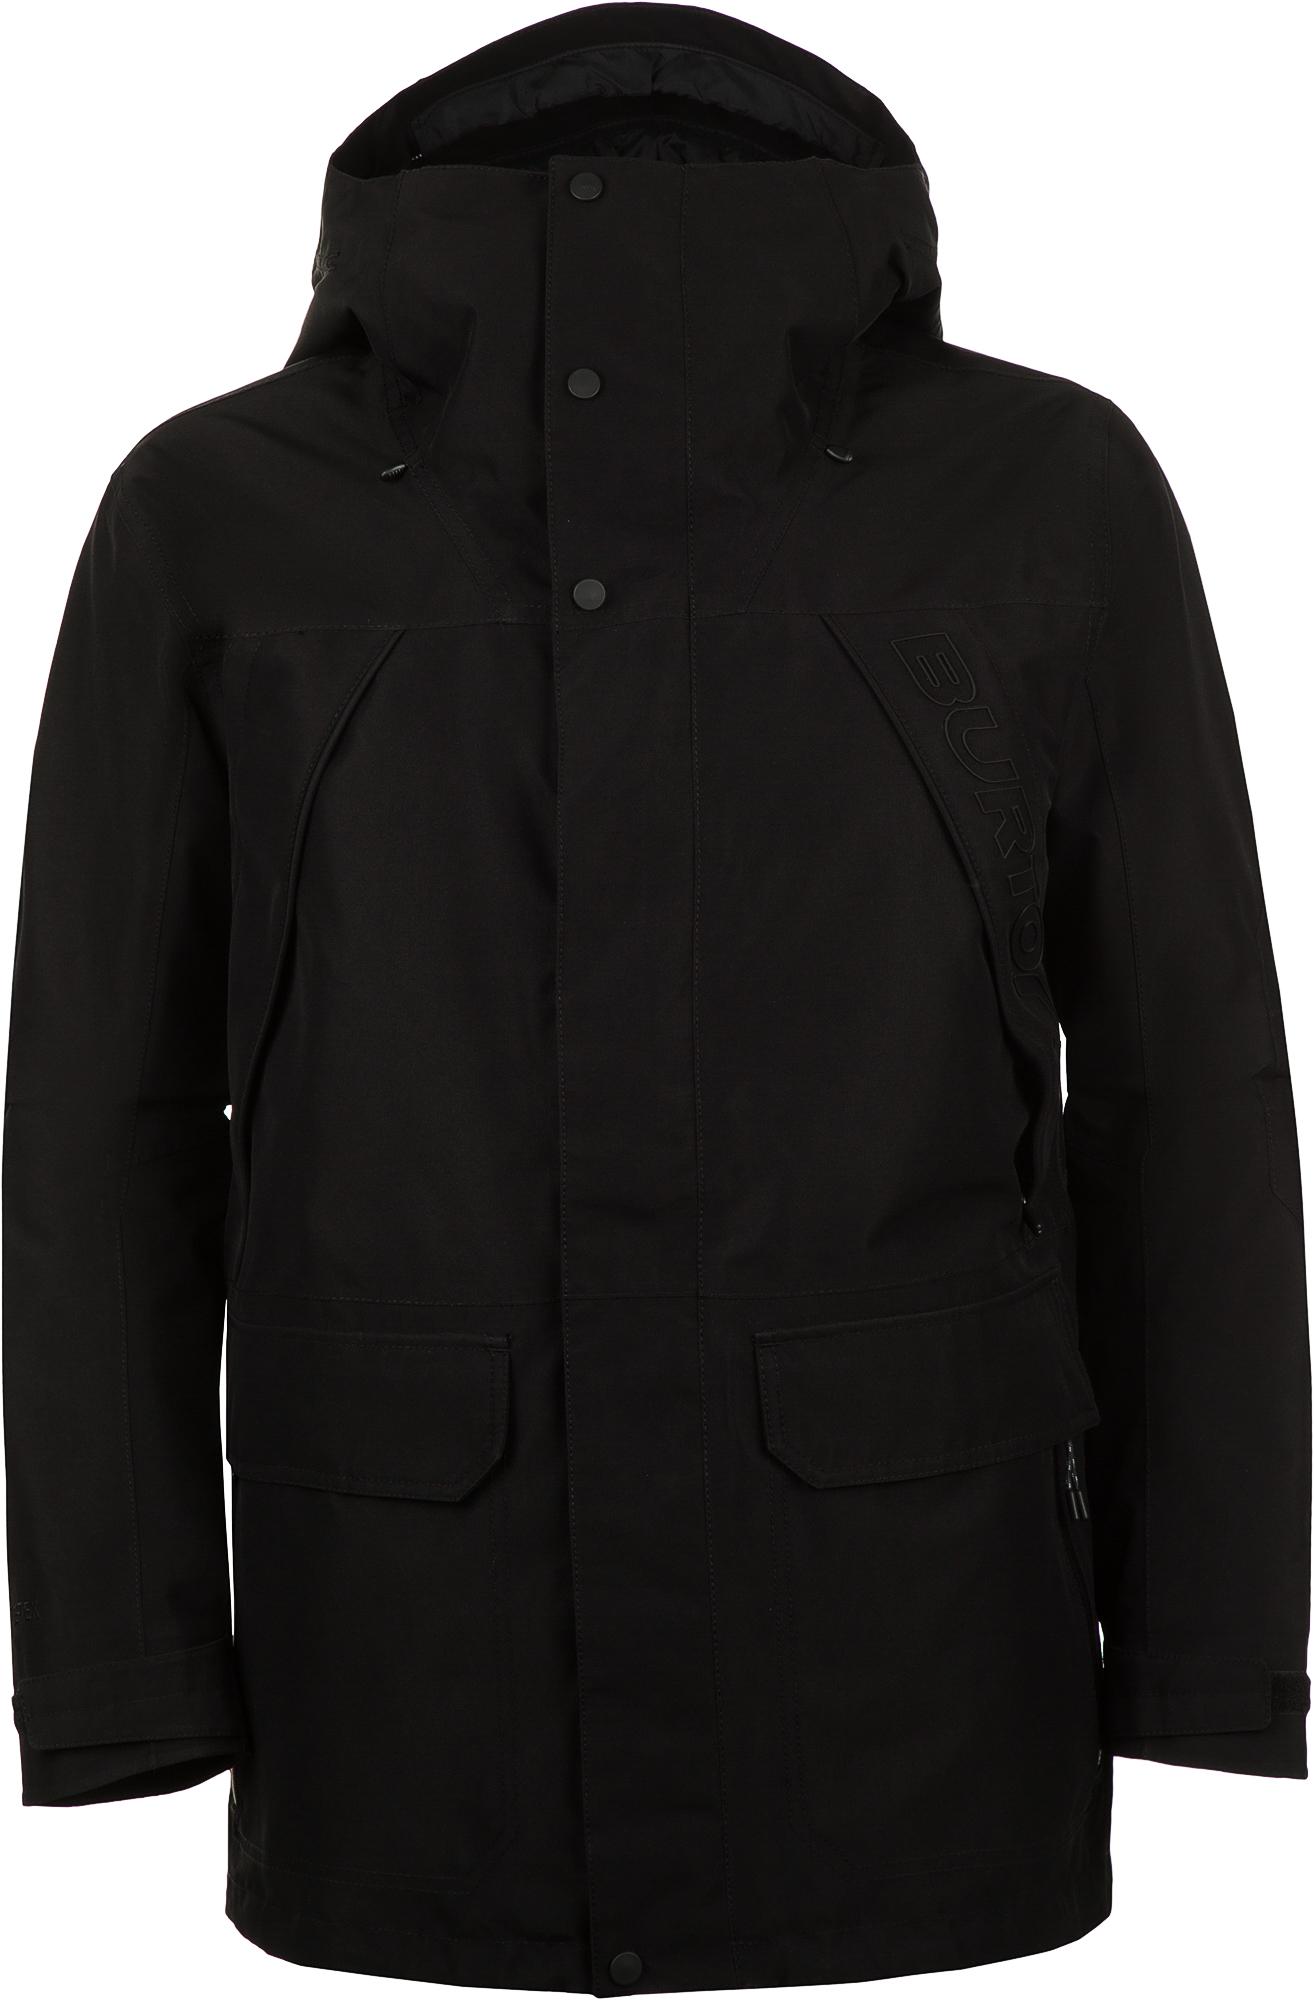 Burton Куртка утепленная мужская Burton Gore Breach, размер 46-48 burton куртка утепленная женская burton minturn размер 48 50